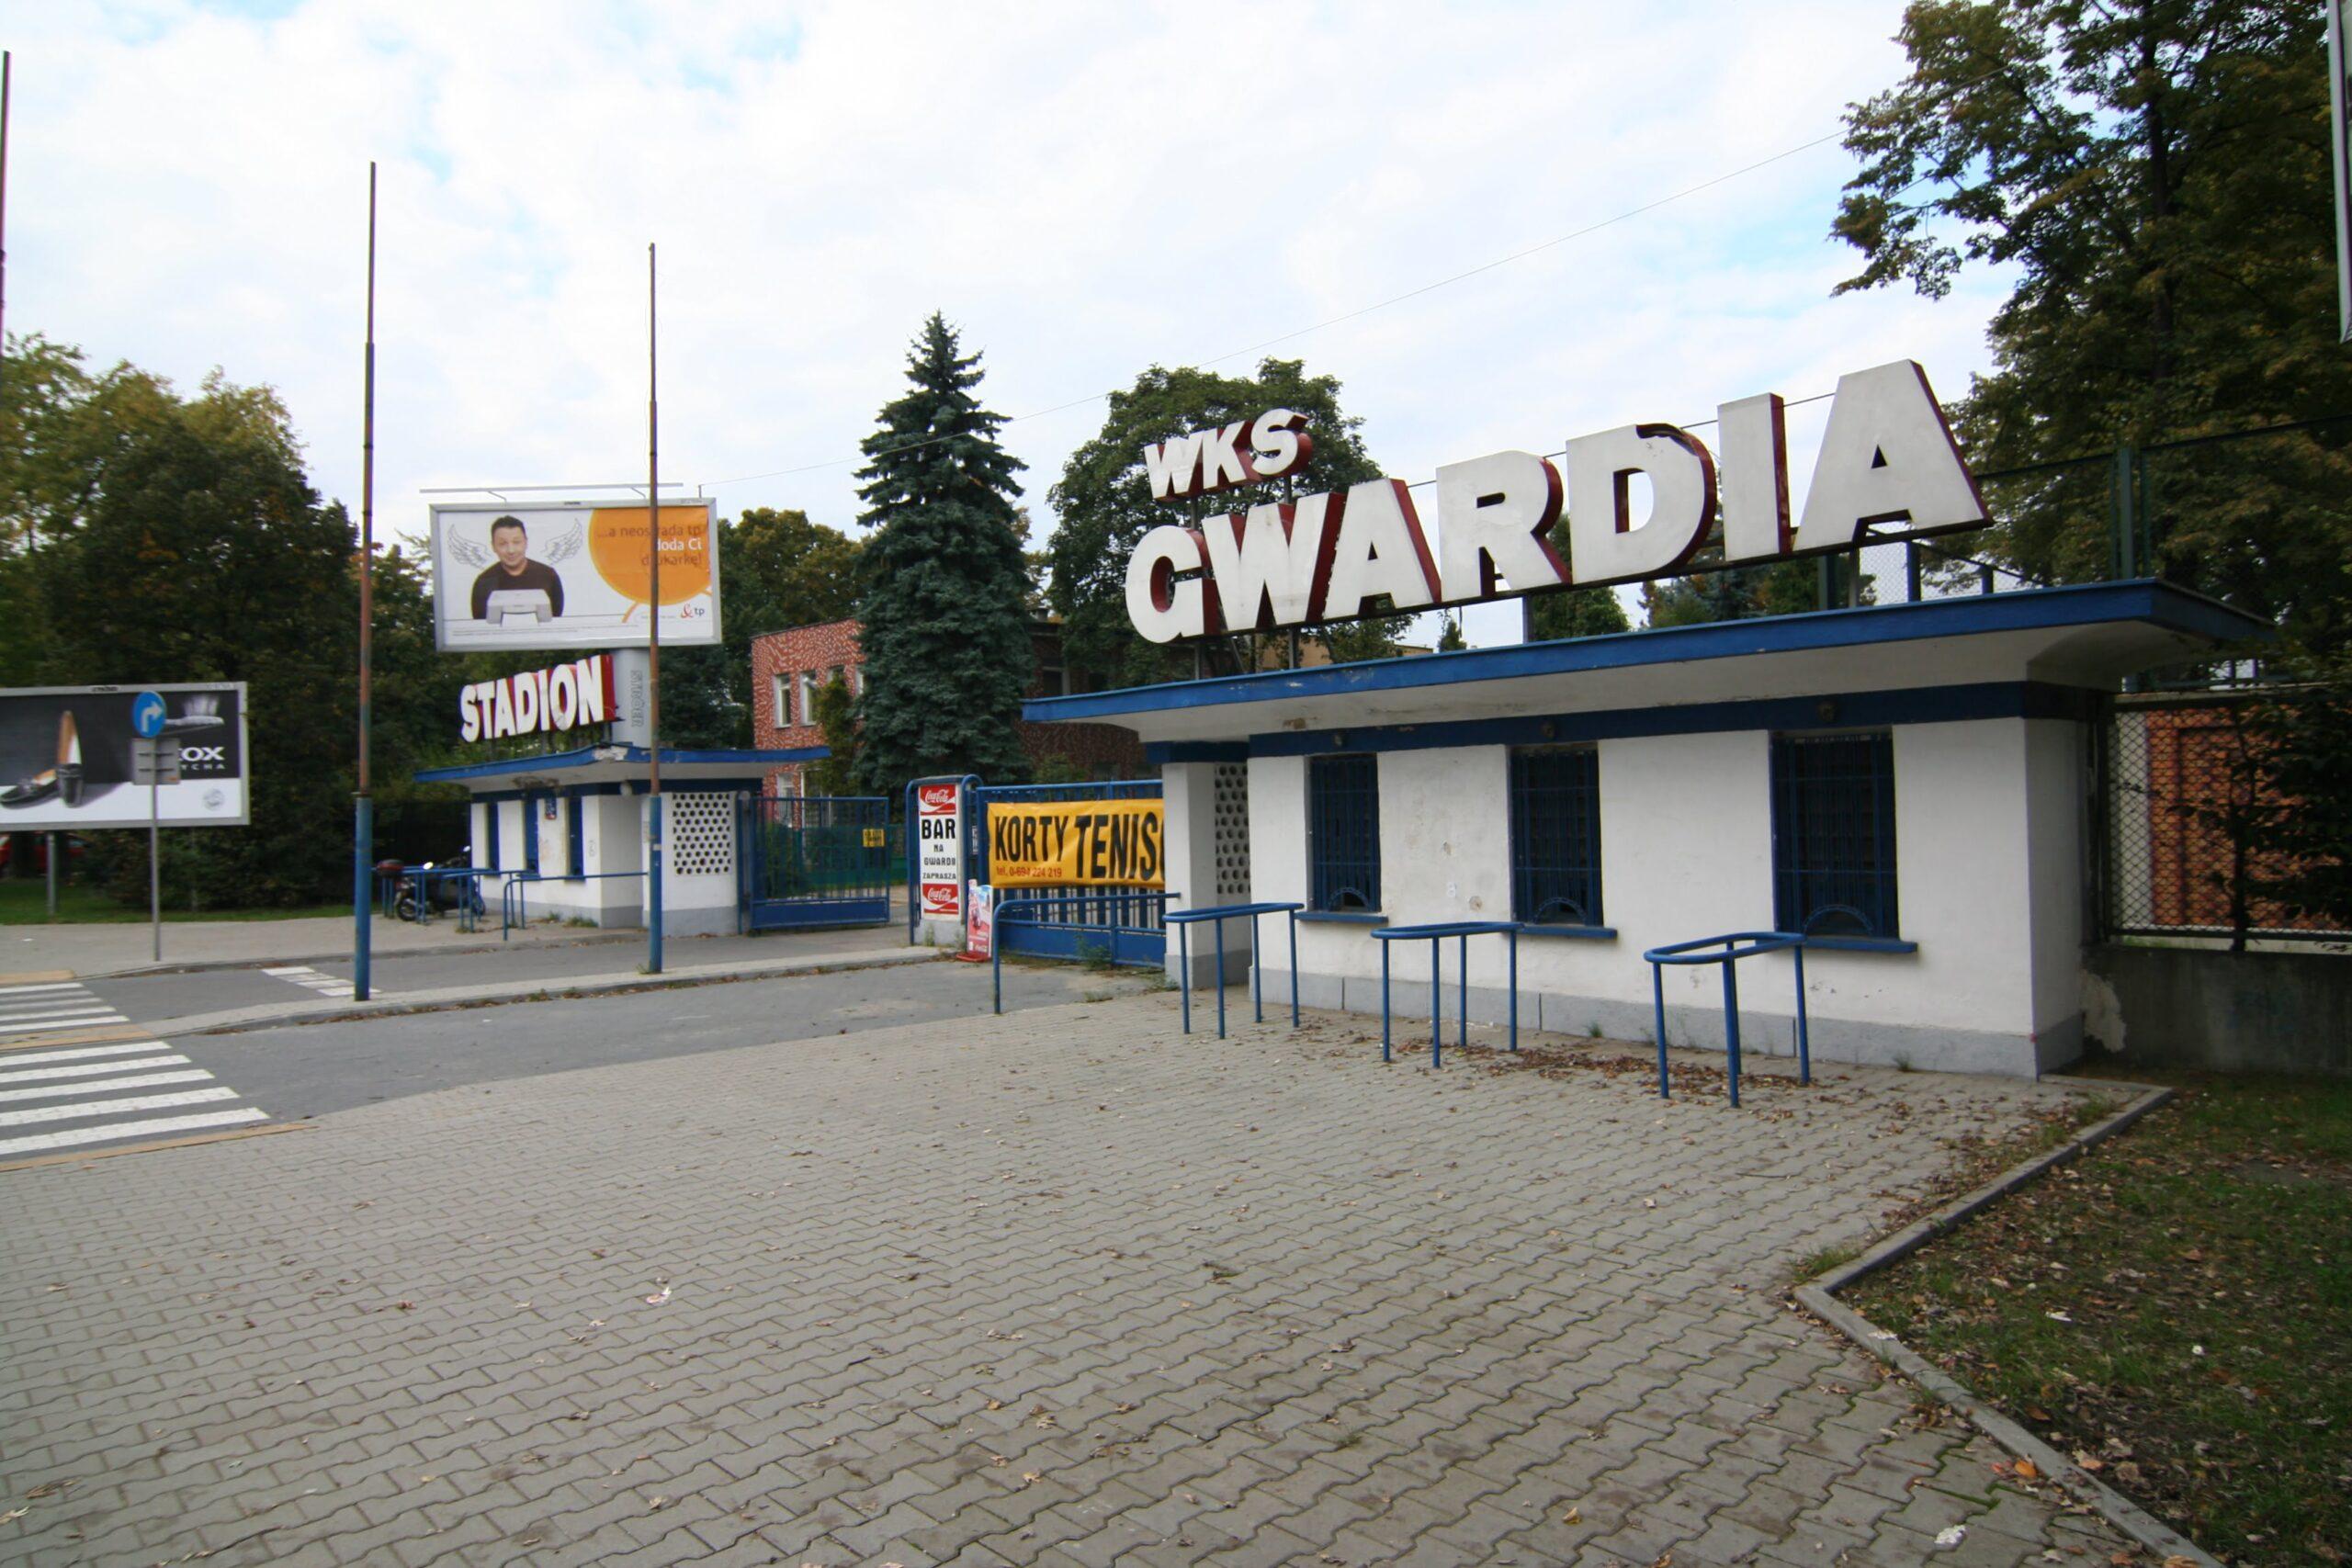 Polski Pentagon na terenie stadionu Gwardii? MSWiA wydaje oświadczenie